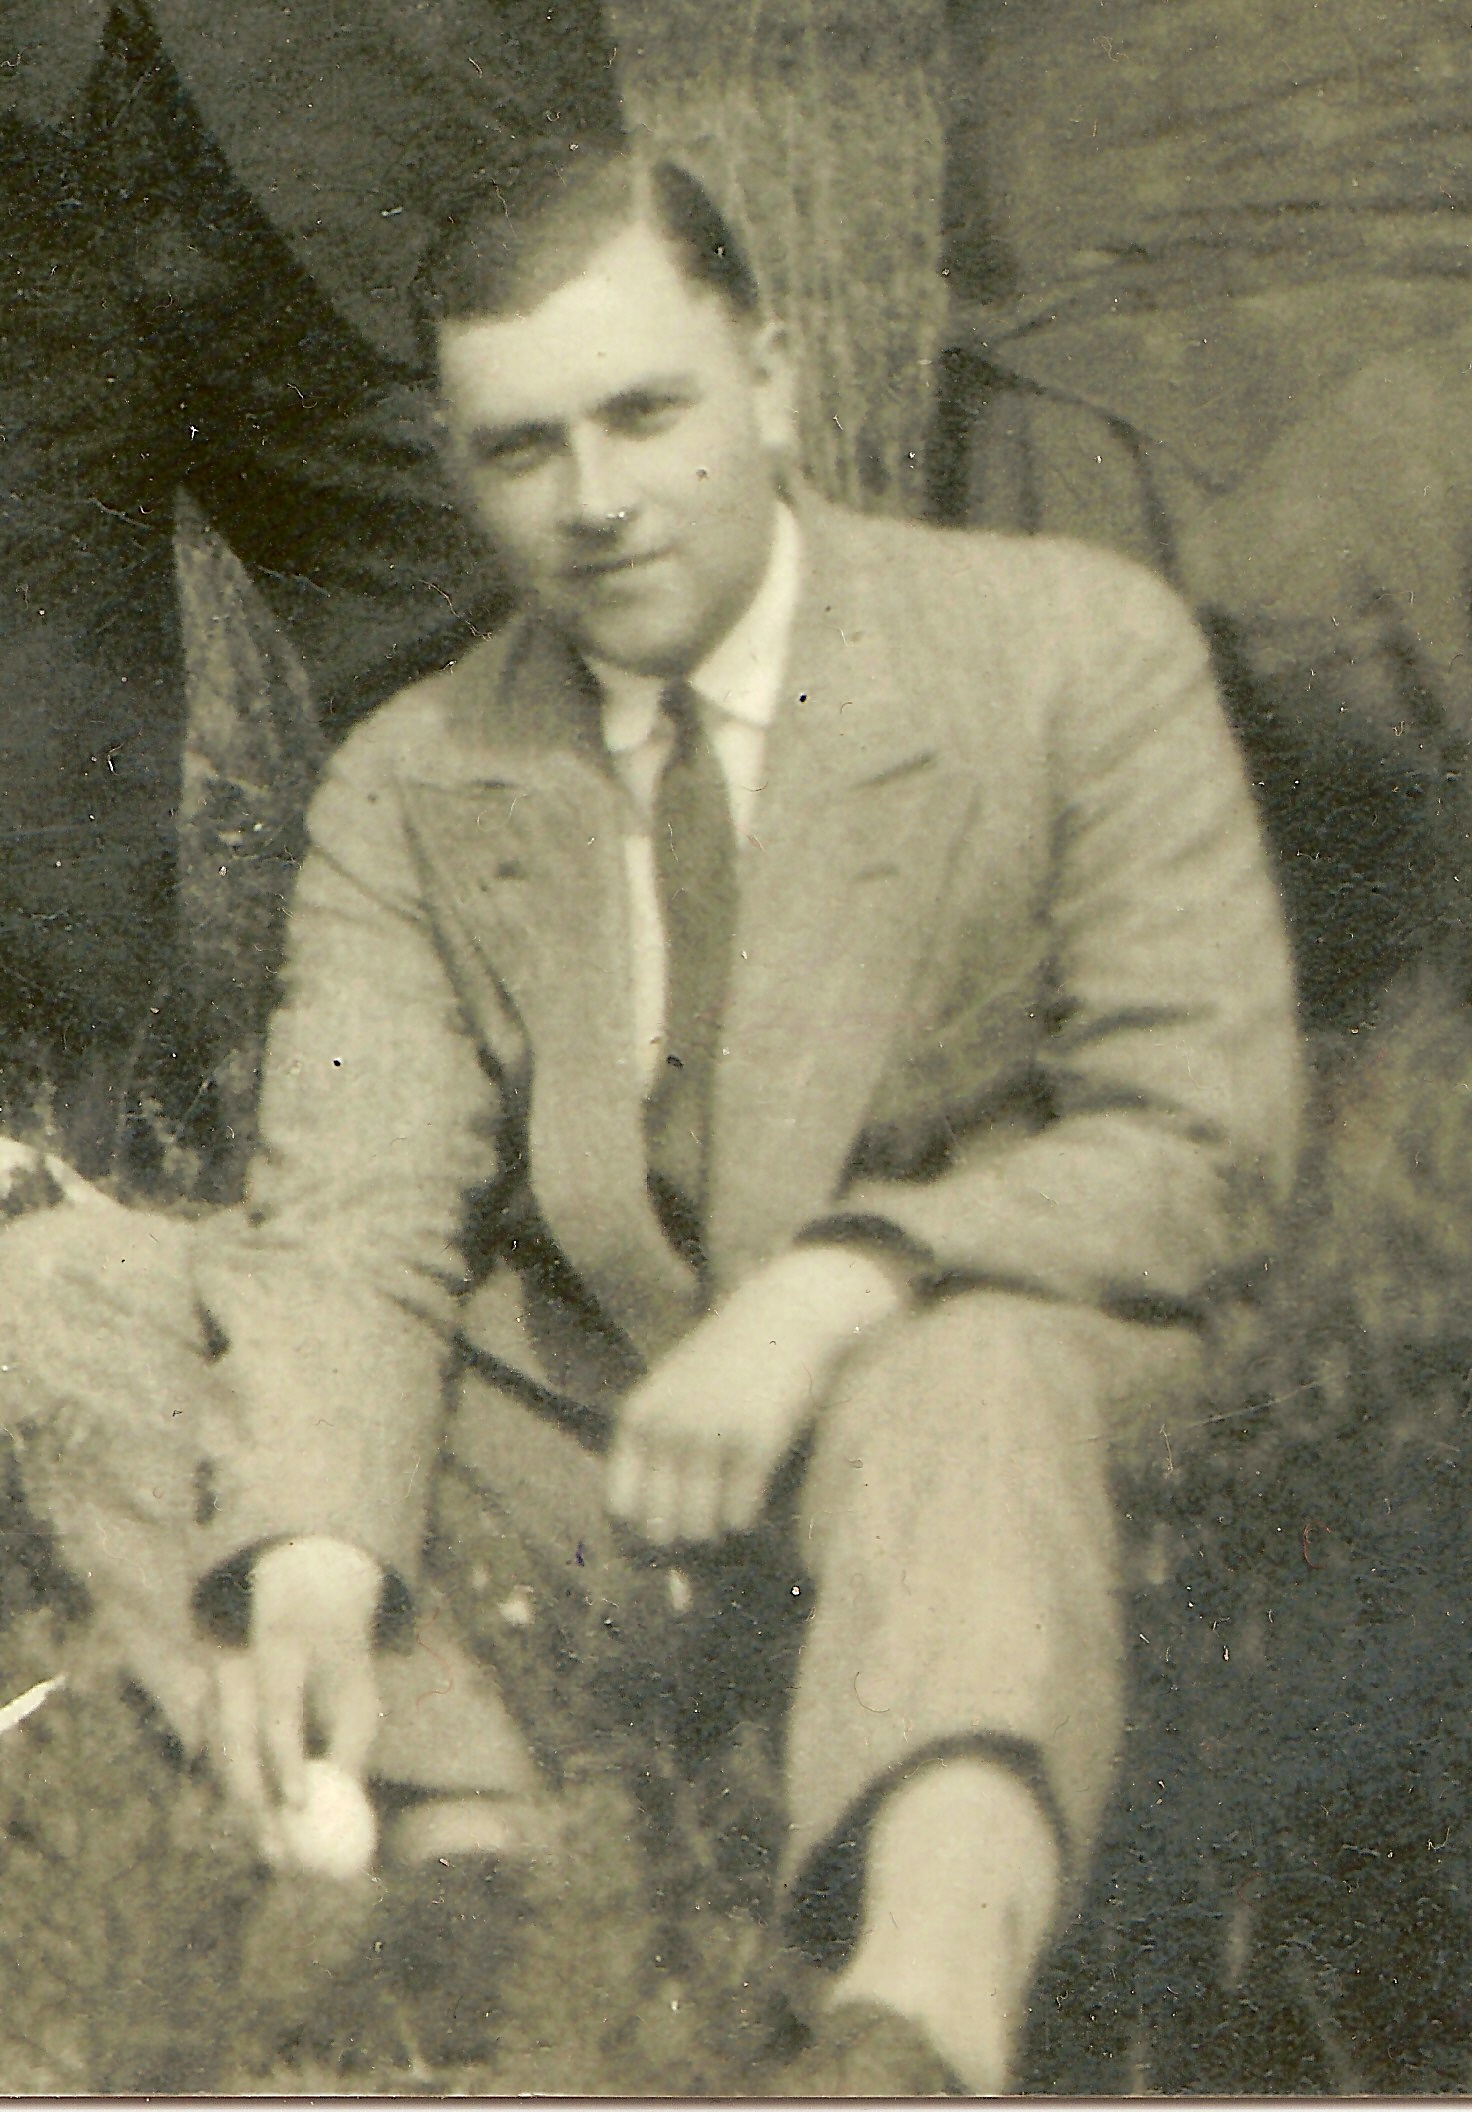 Albert H. van der Velde (1904-1977)